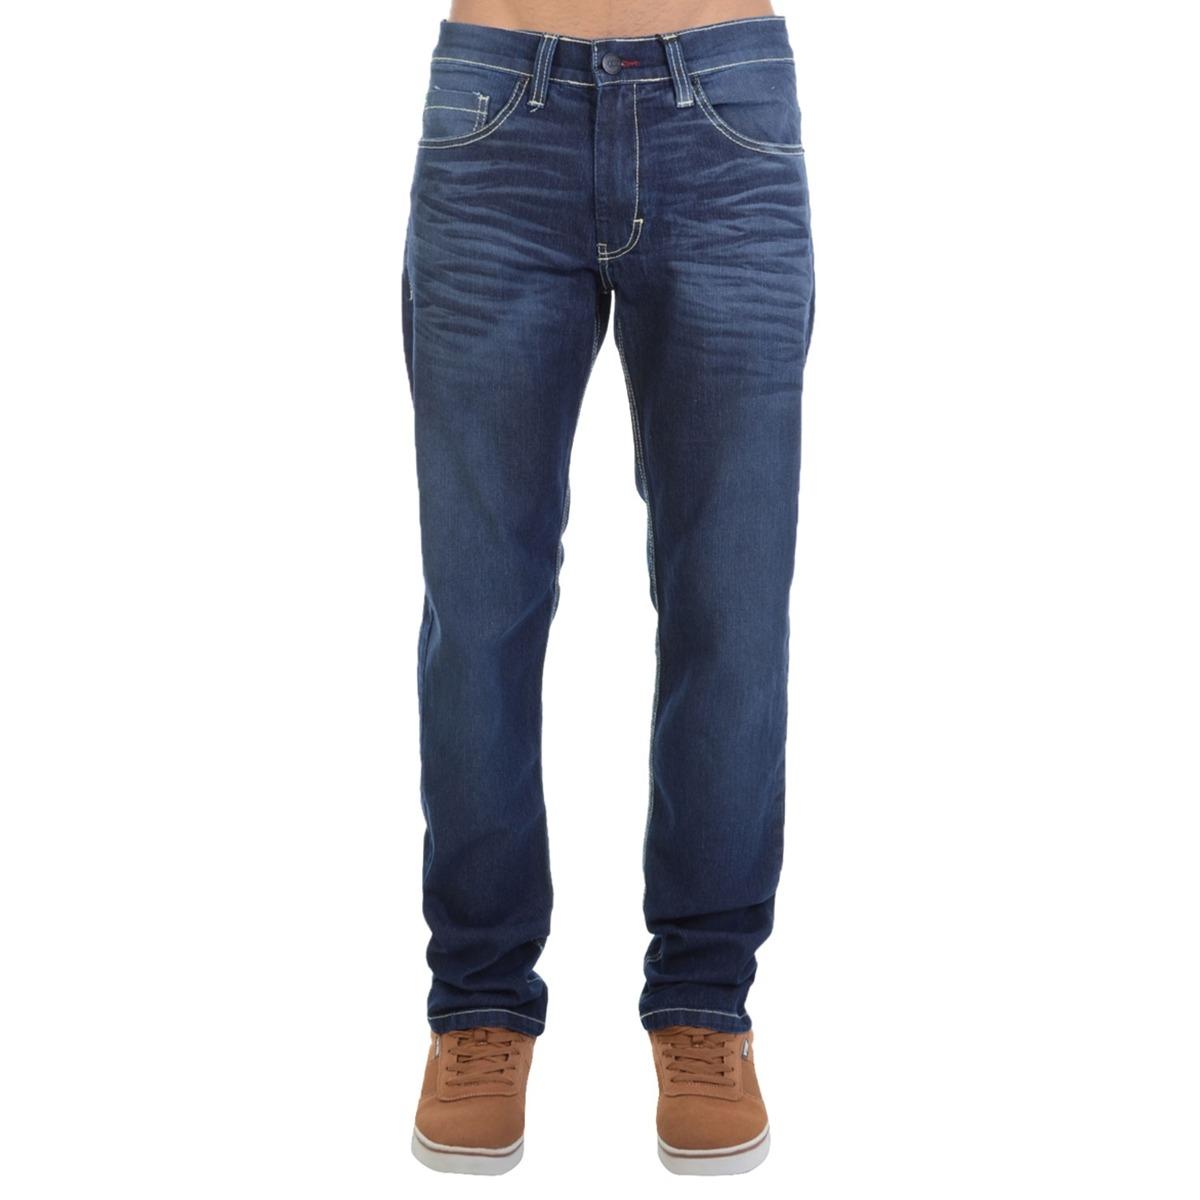 e6ef0732fe calça jeans hd slim fit azul. Carregando zoom.